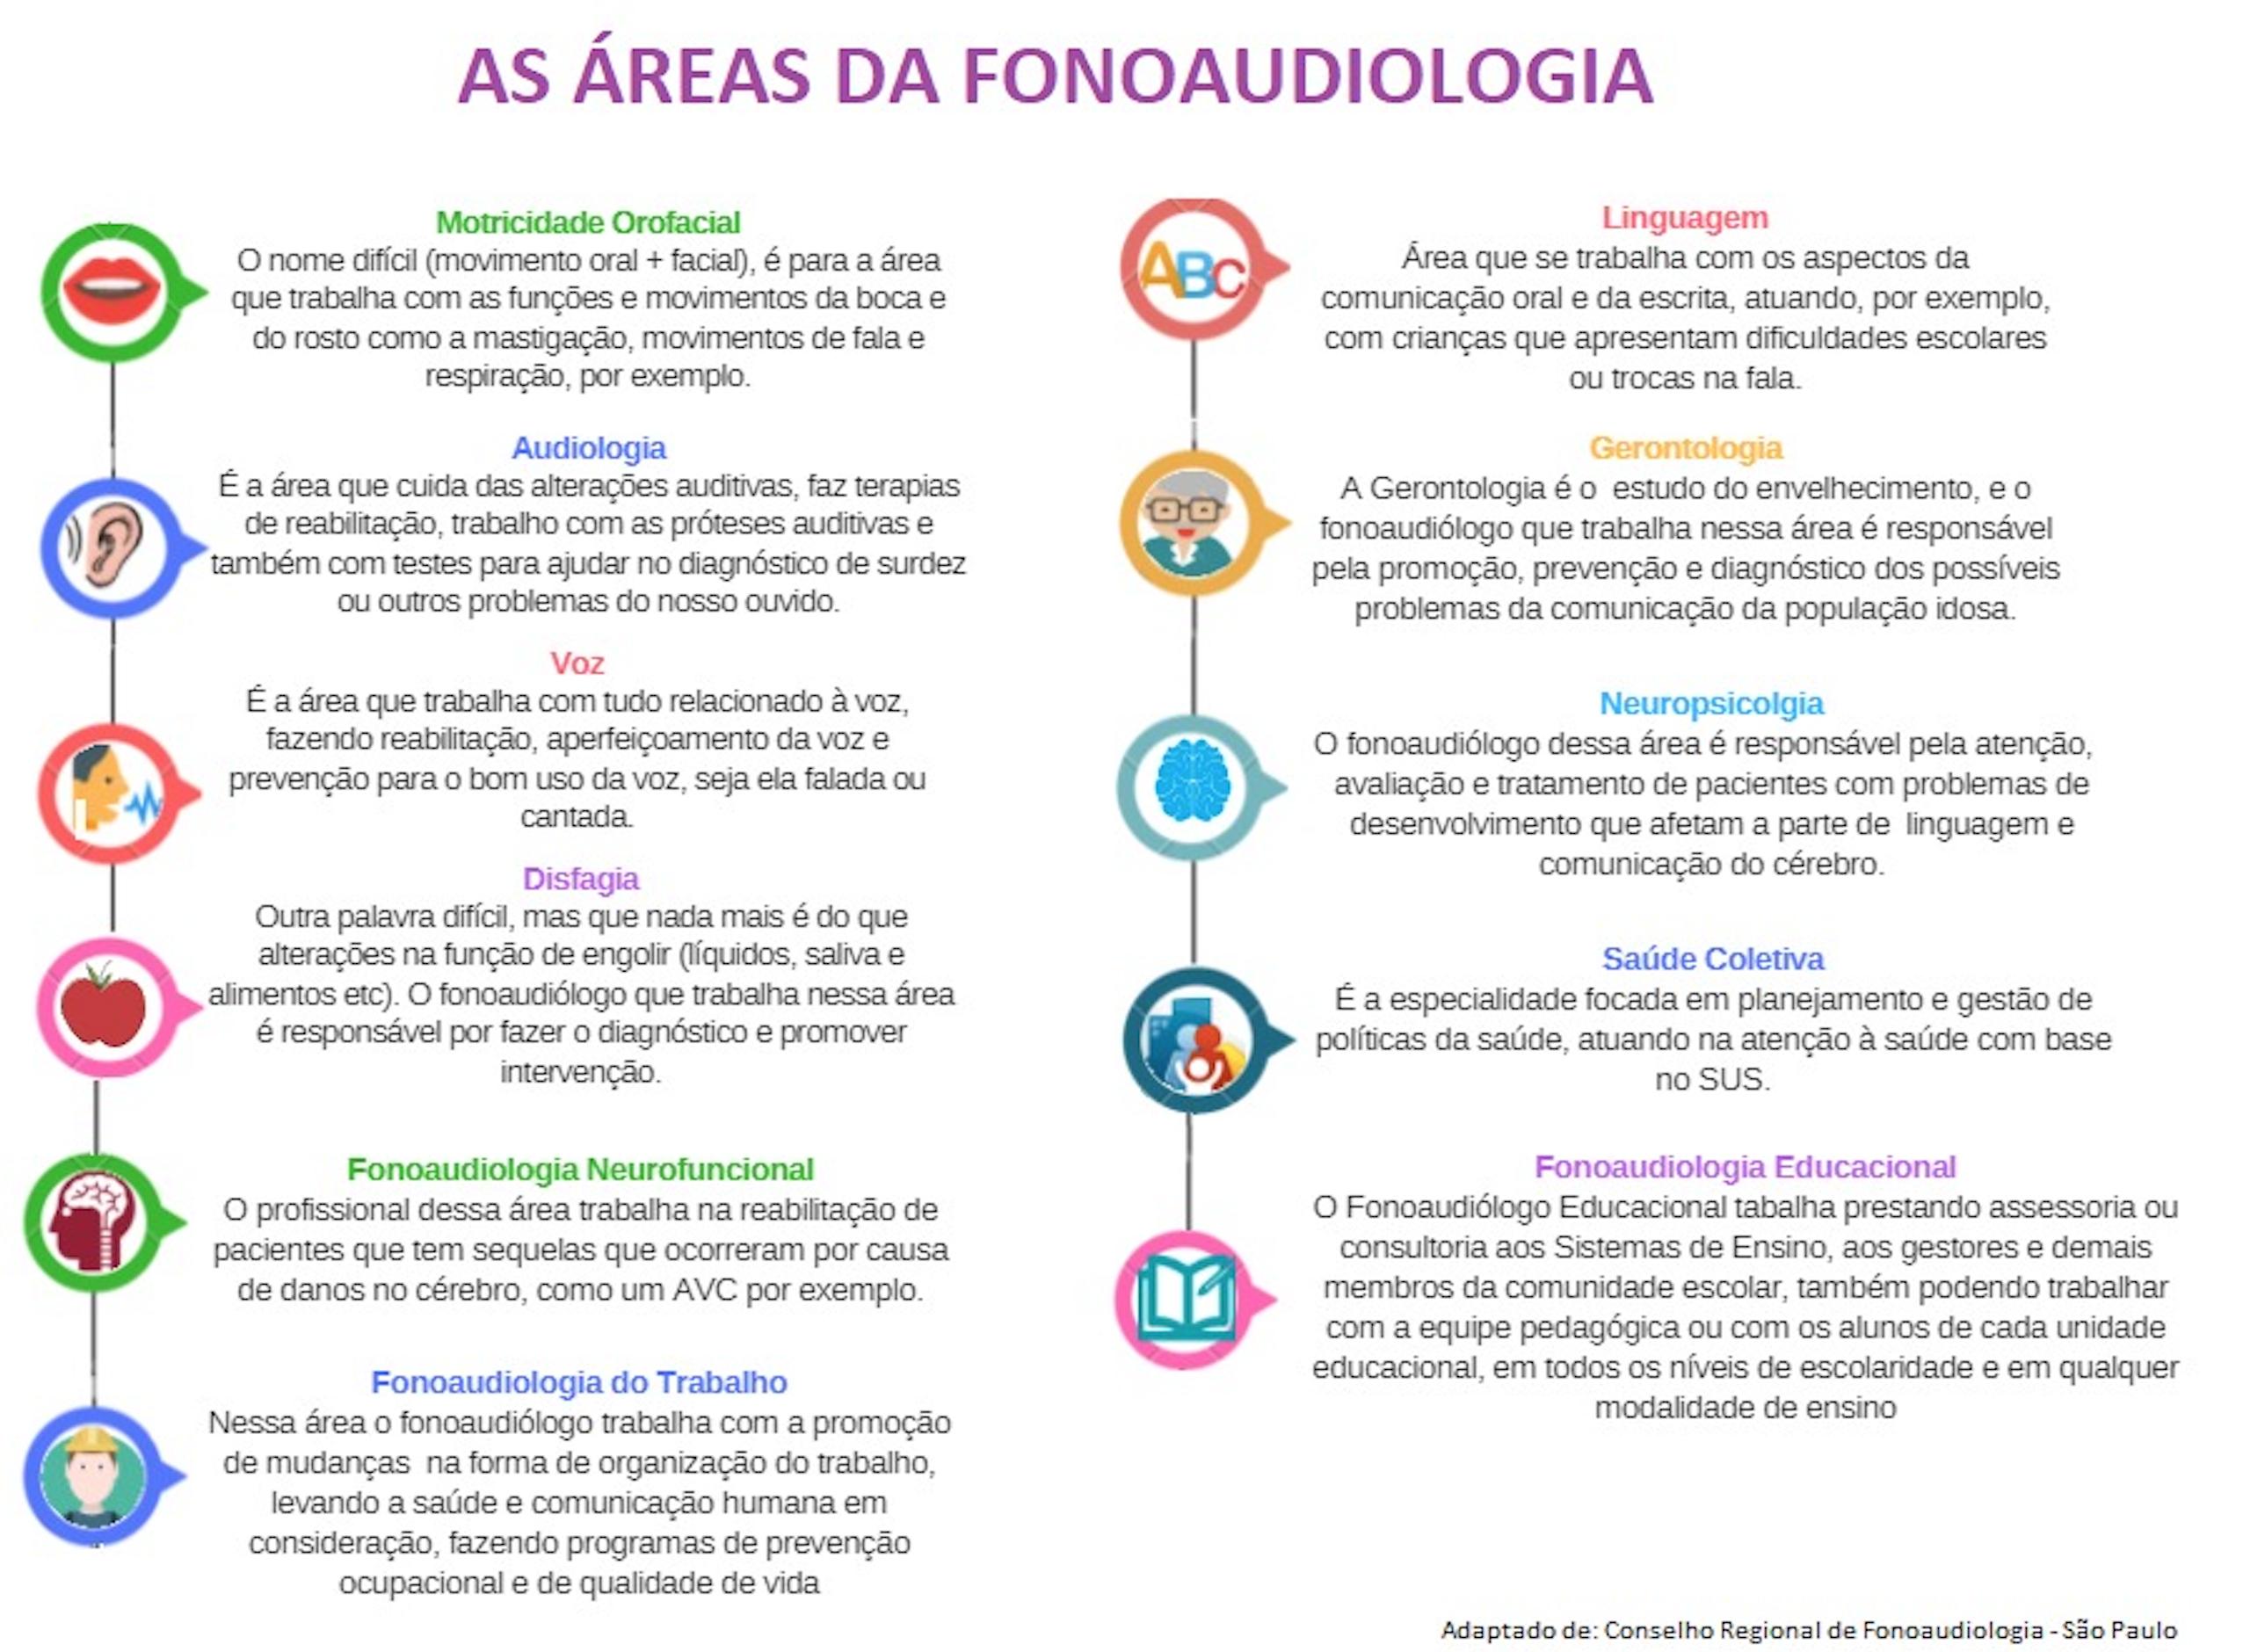 Gráfico com as áreas da Fonoaudiologia